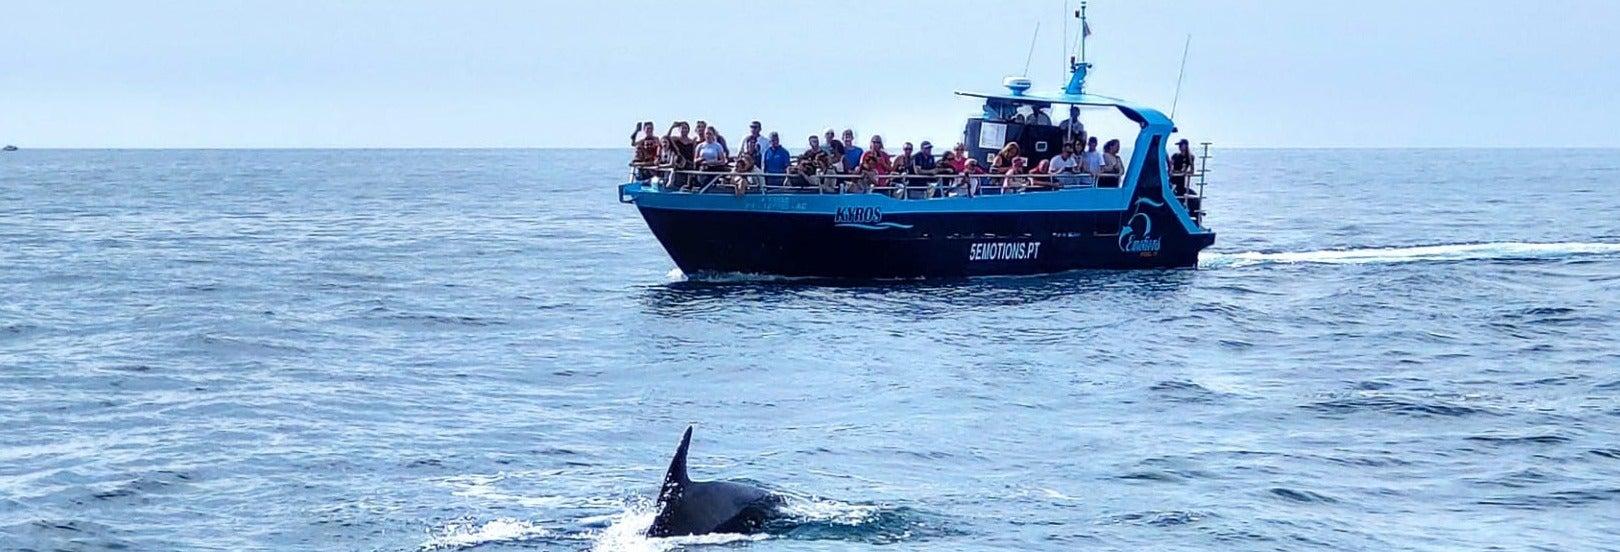 Balade en bateau aux grottes de Benagil + Observation de dauphins